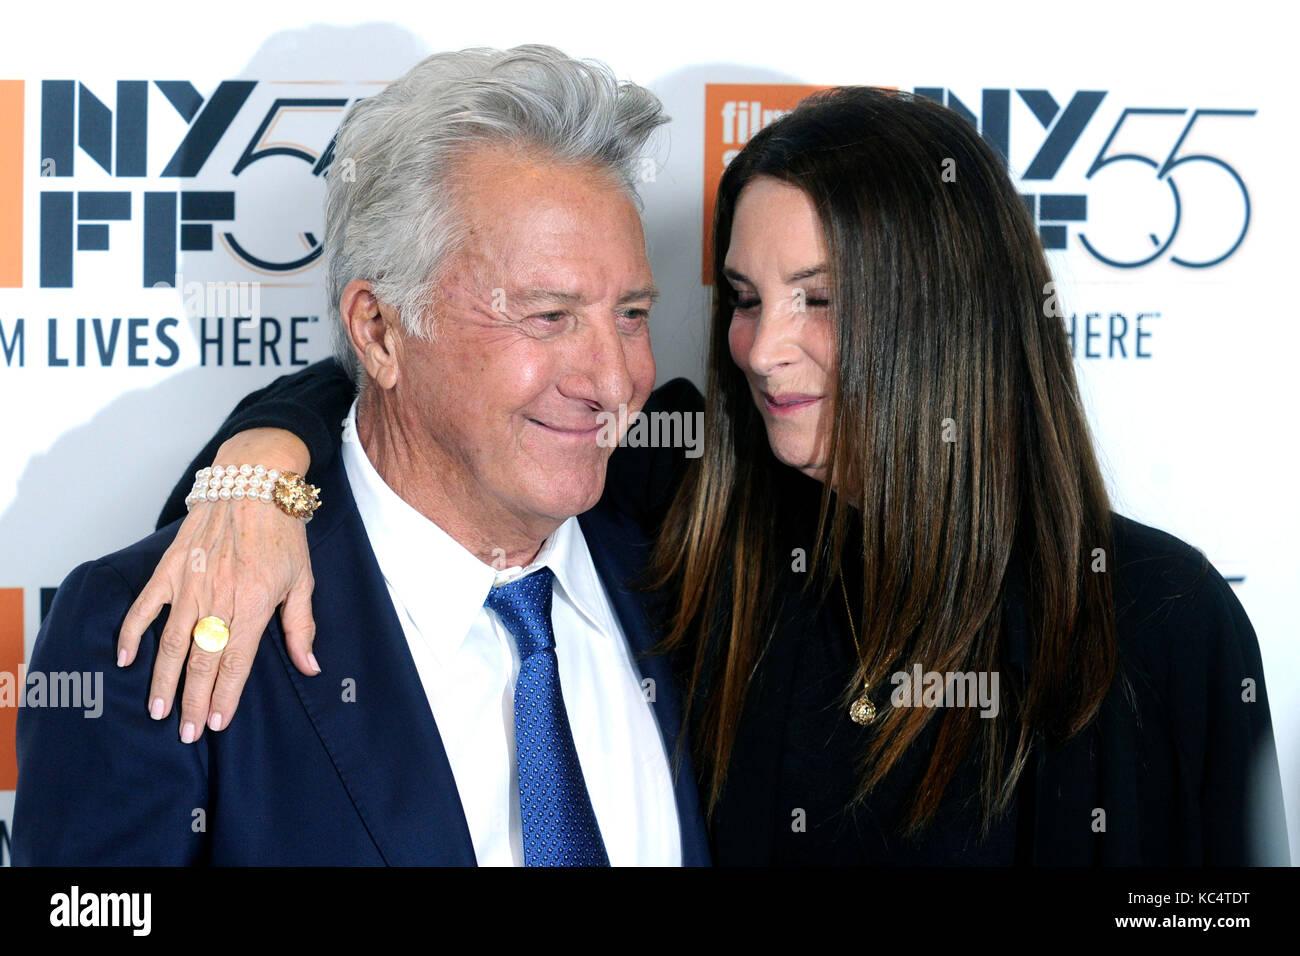 """Dustin hoffman e sua esposa Lisa assistir """"meyerowitz histórias' Premiere durante o festival de cinema Imagens de Stock"""